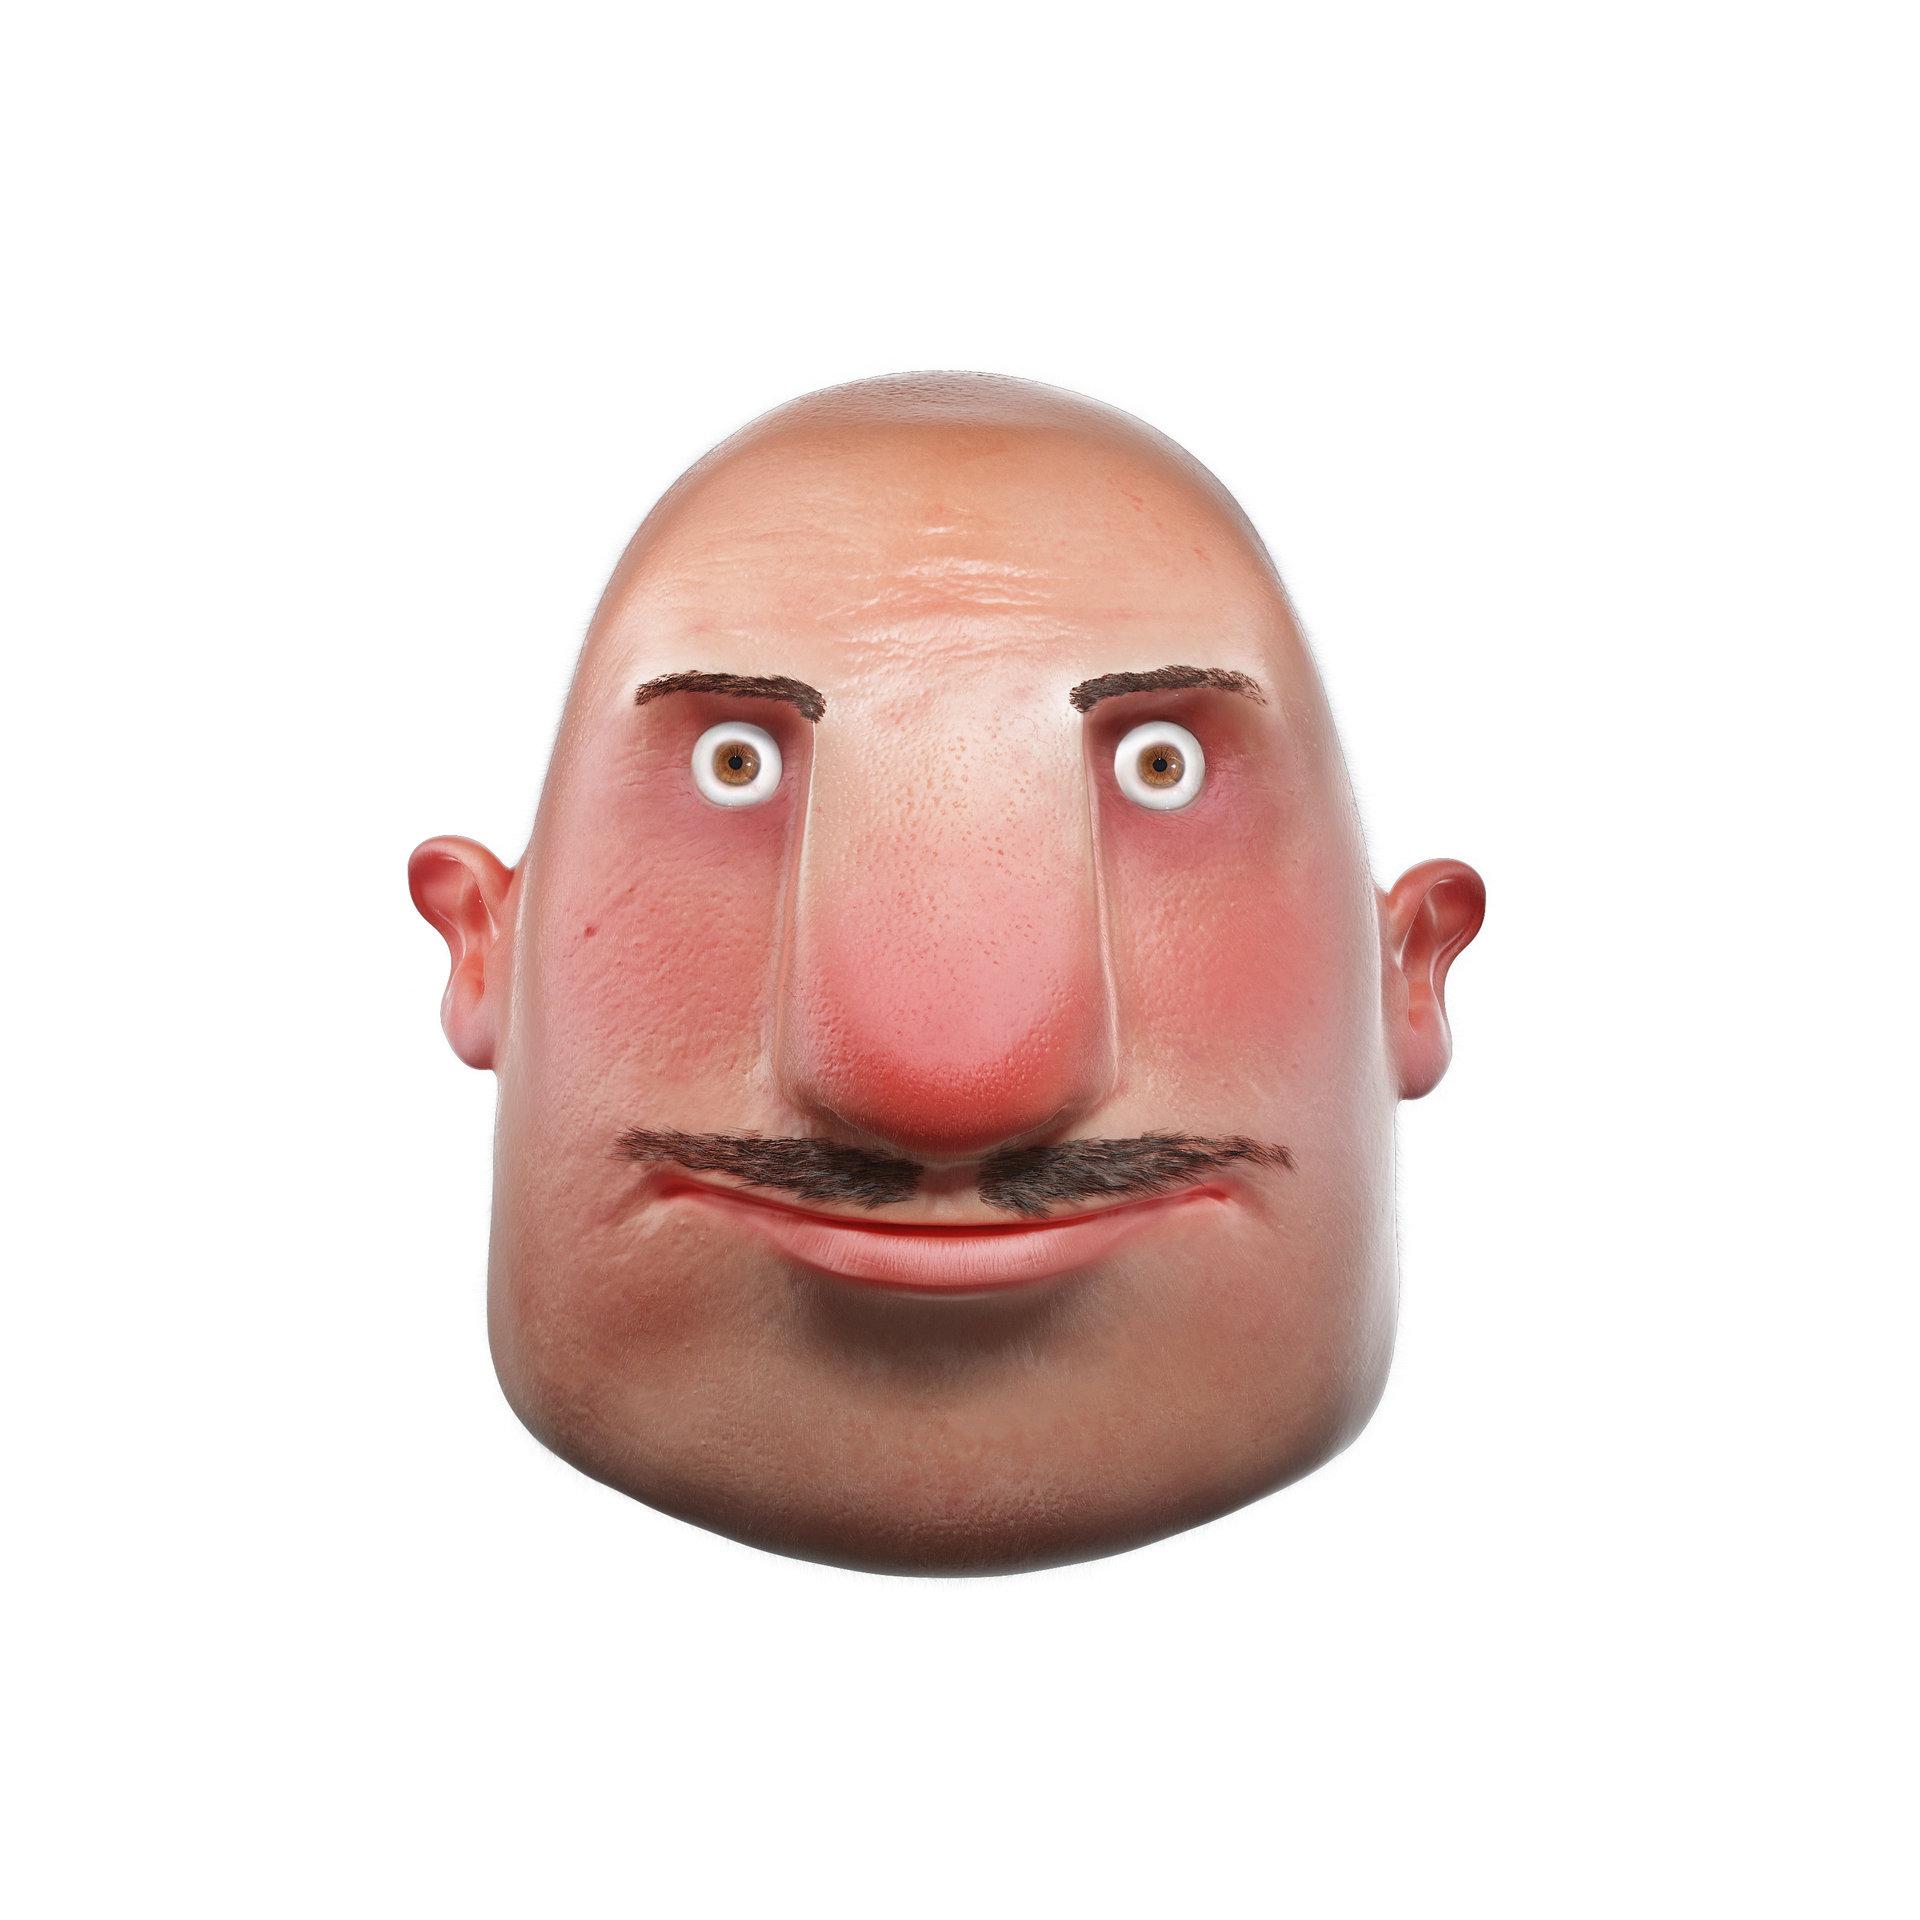 Sofian moumene head 5